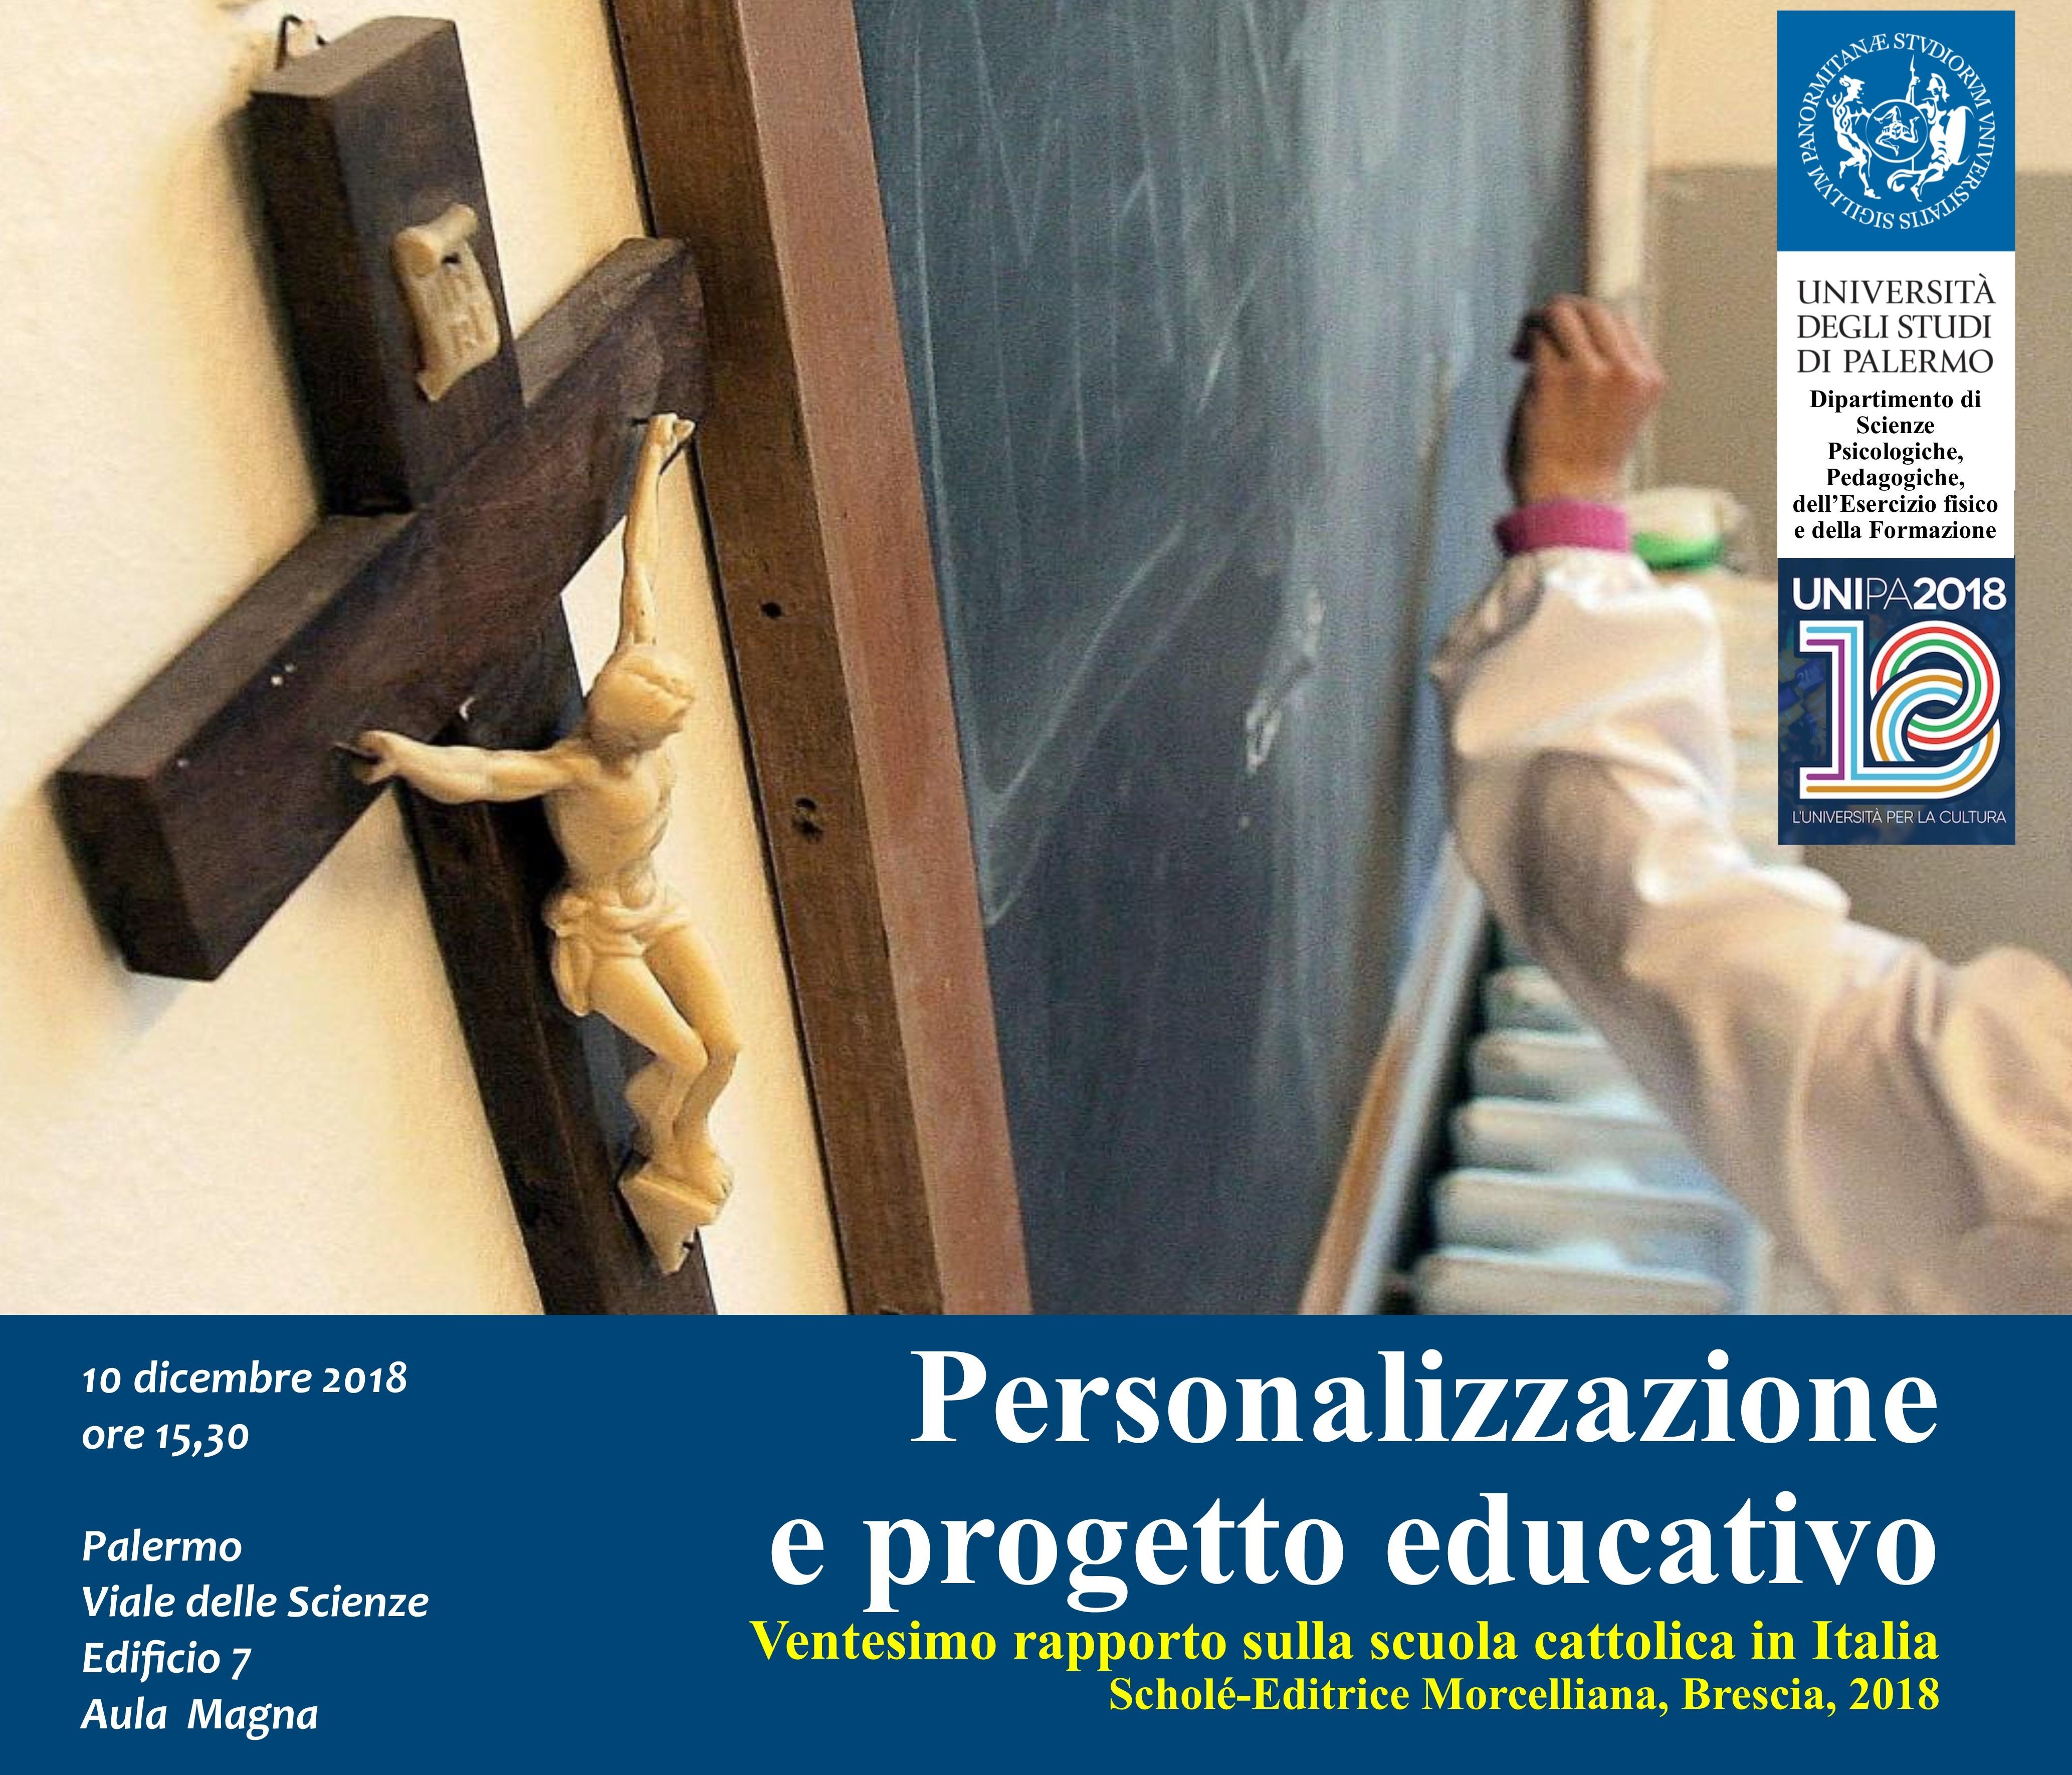 PERSONALIZZAZIONE E PROGETTO EDUCATIVO